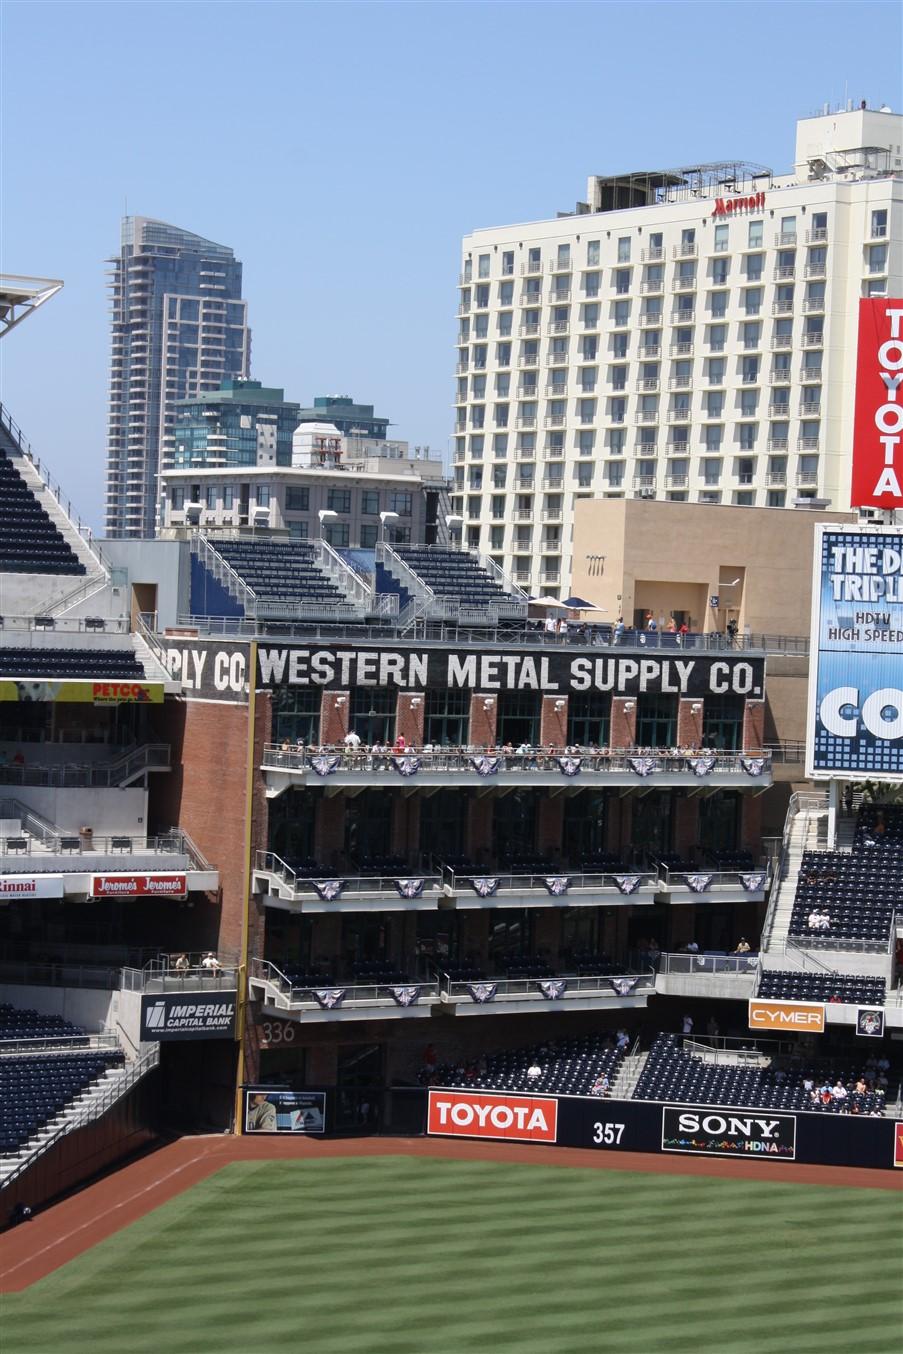 2009 08 23 61 San Diego Petco Field.jpg